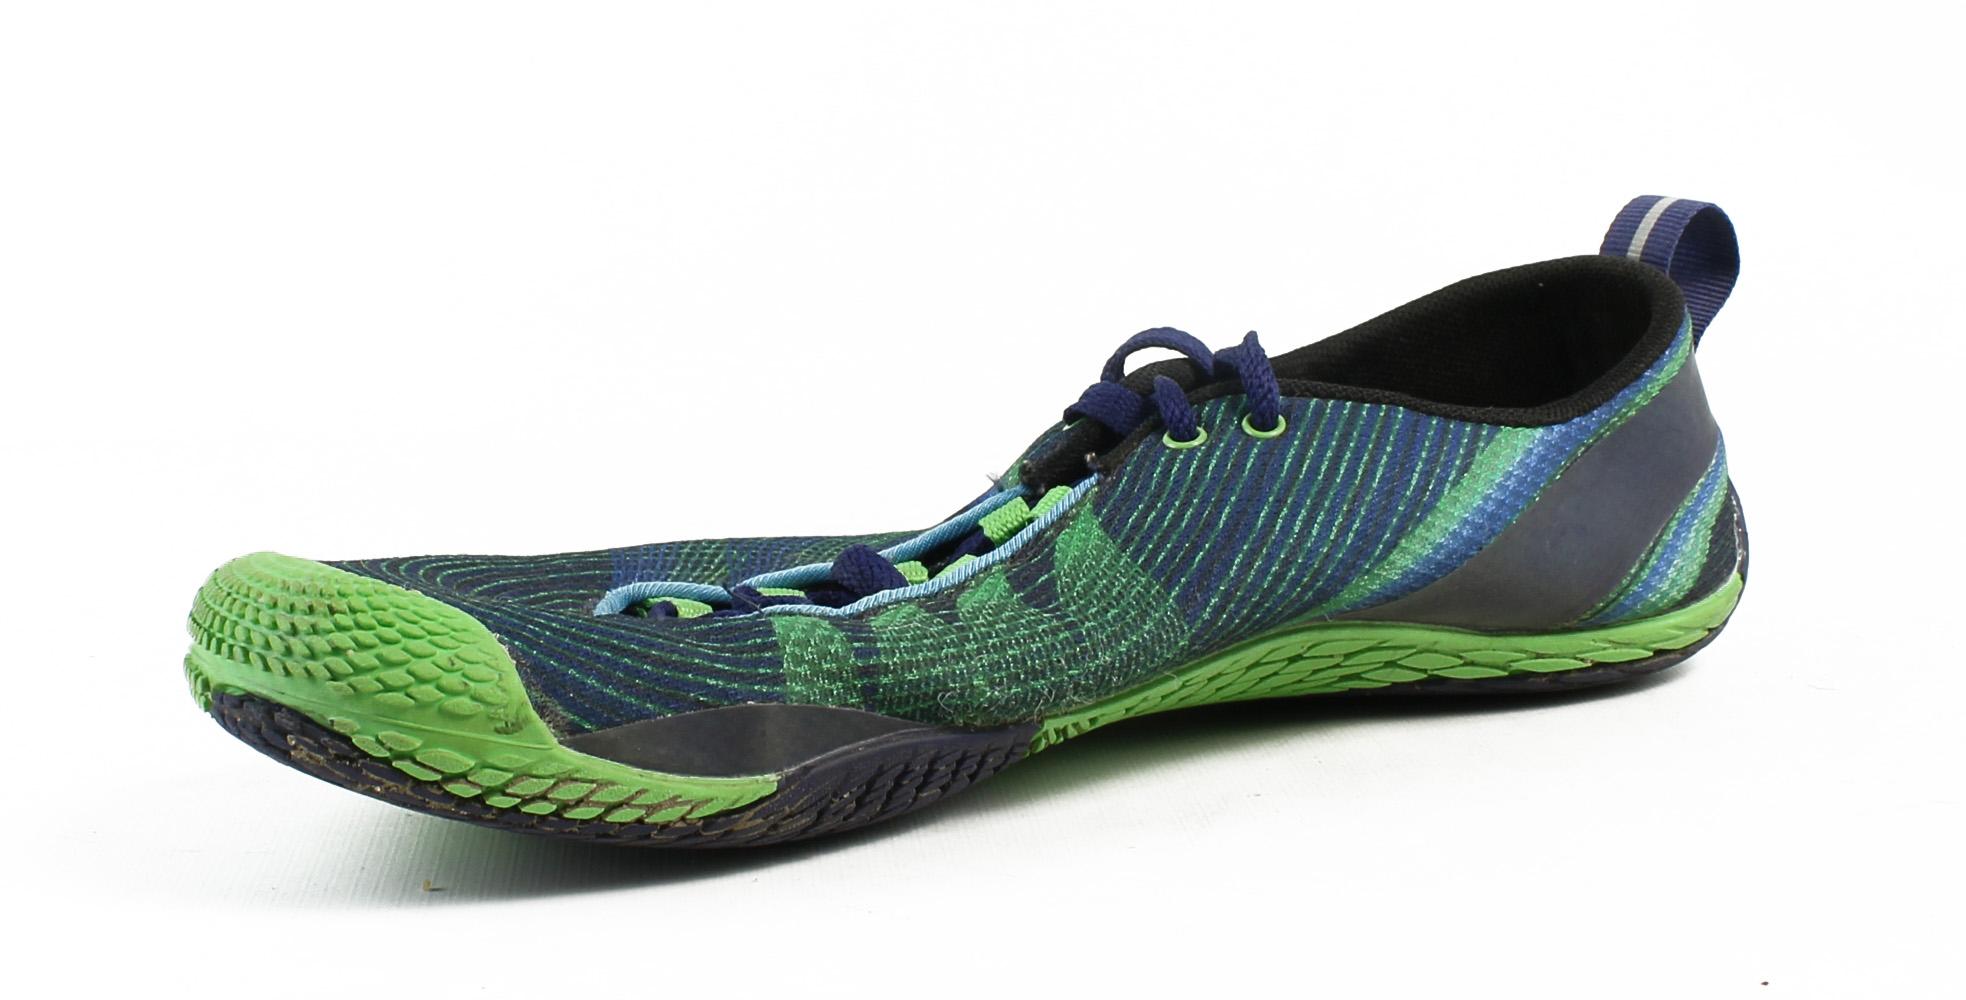 96b030fabe26d ... Merrell Mens Vapor Glove Glove Glove 2 Blue Running Shoes Size 8.5  (351577) 847555 ...